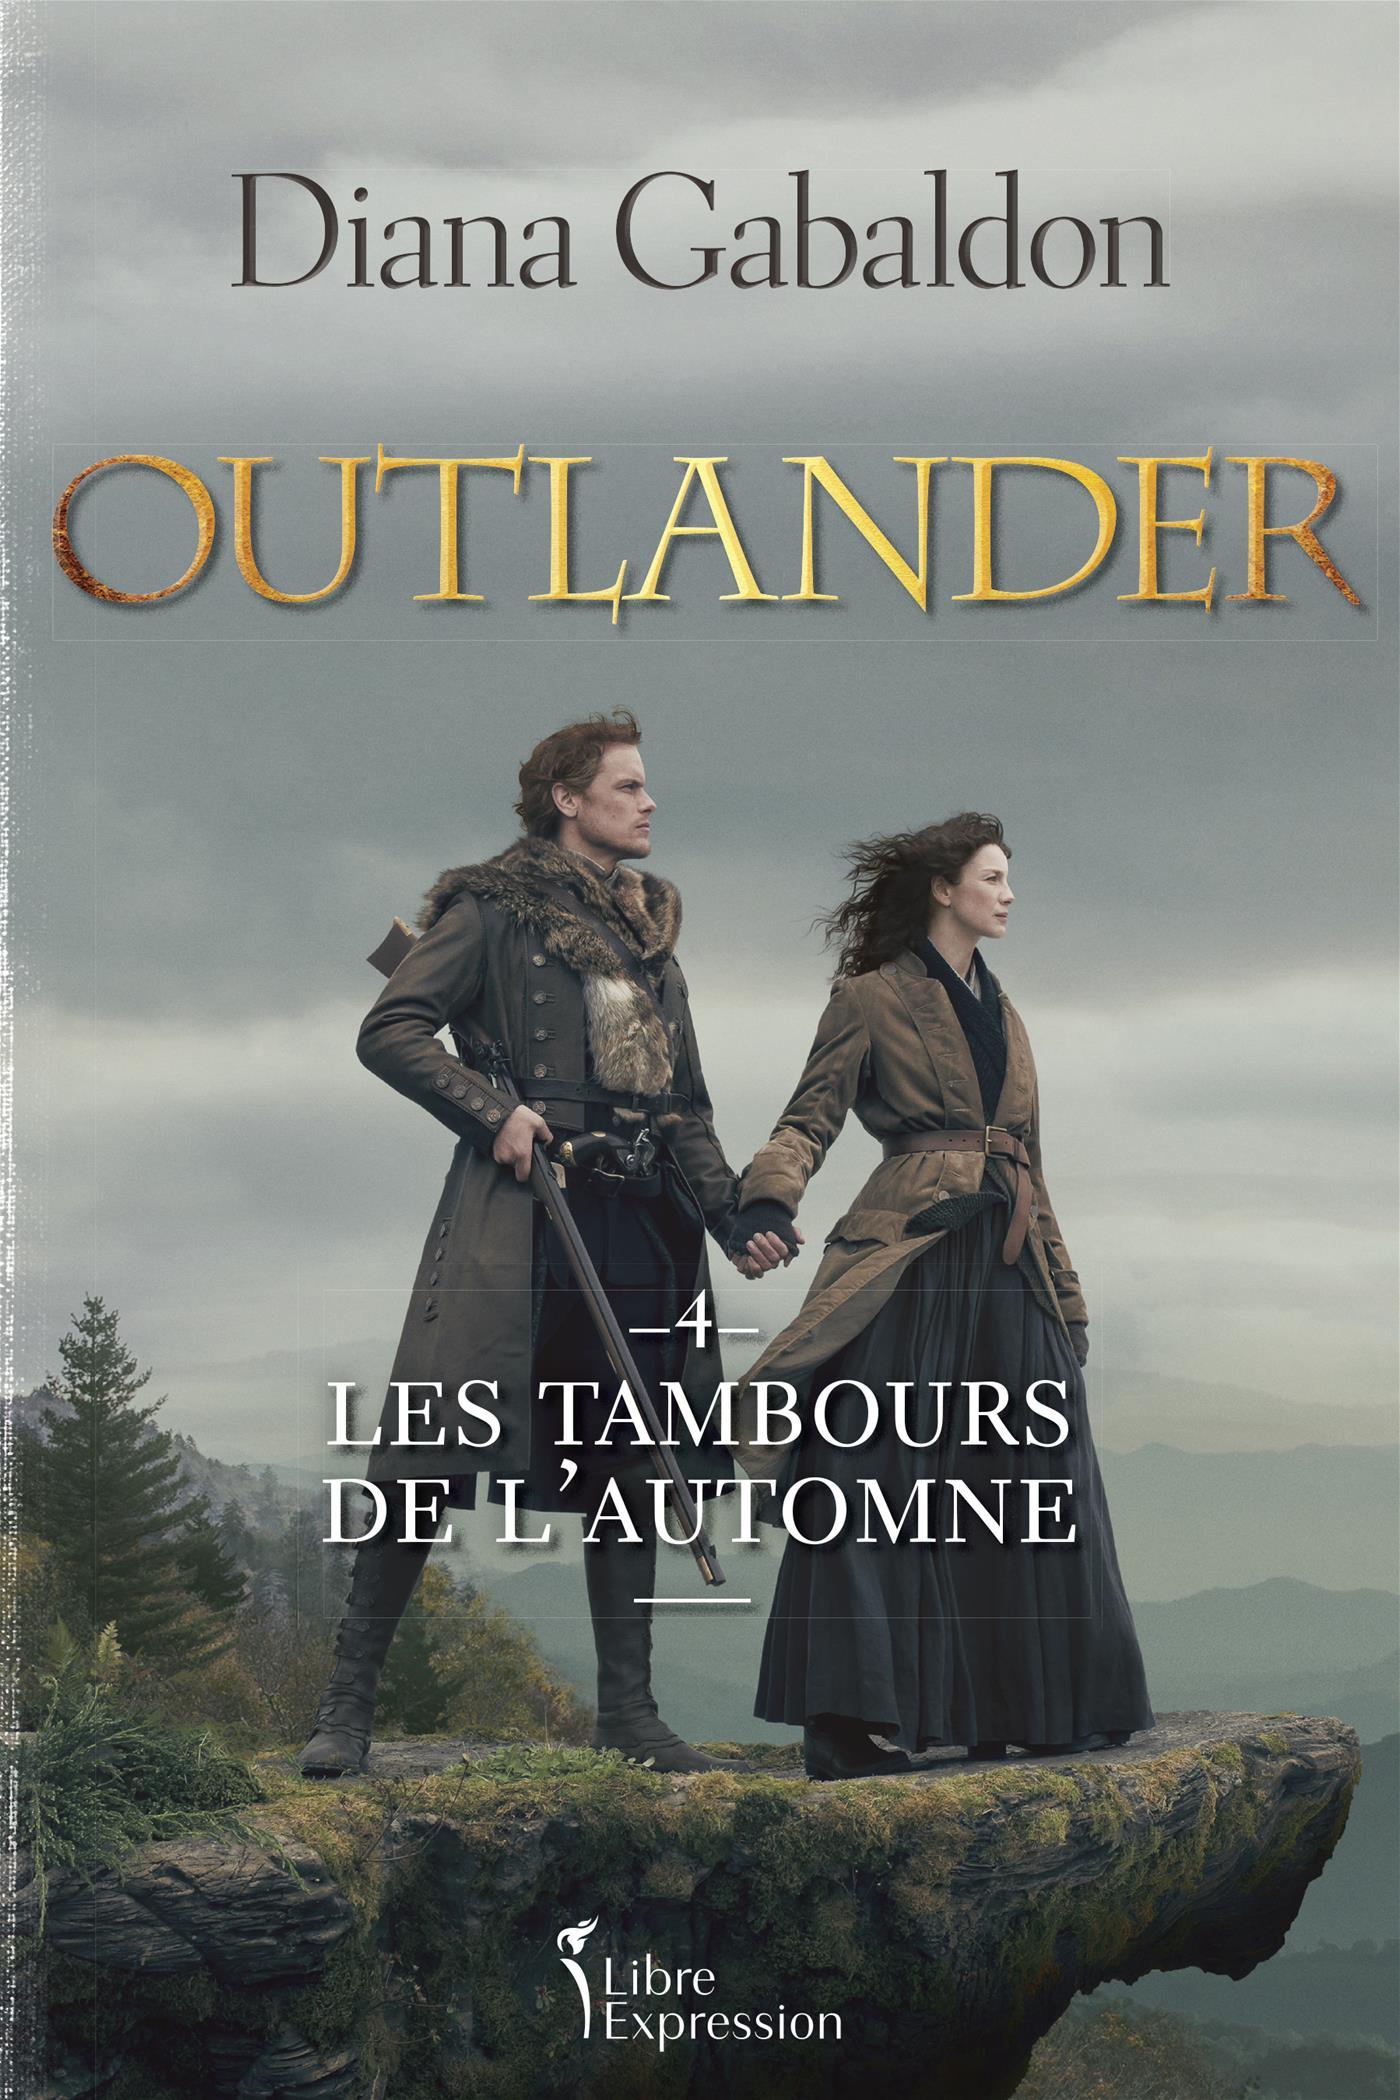 Outlander, tome 4 - Les tambours de l'automne